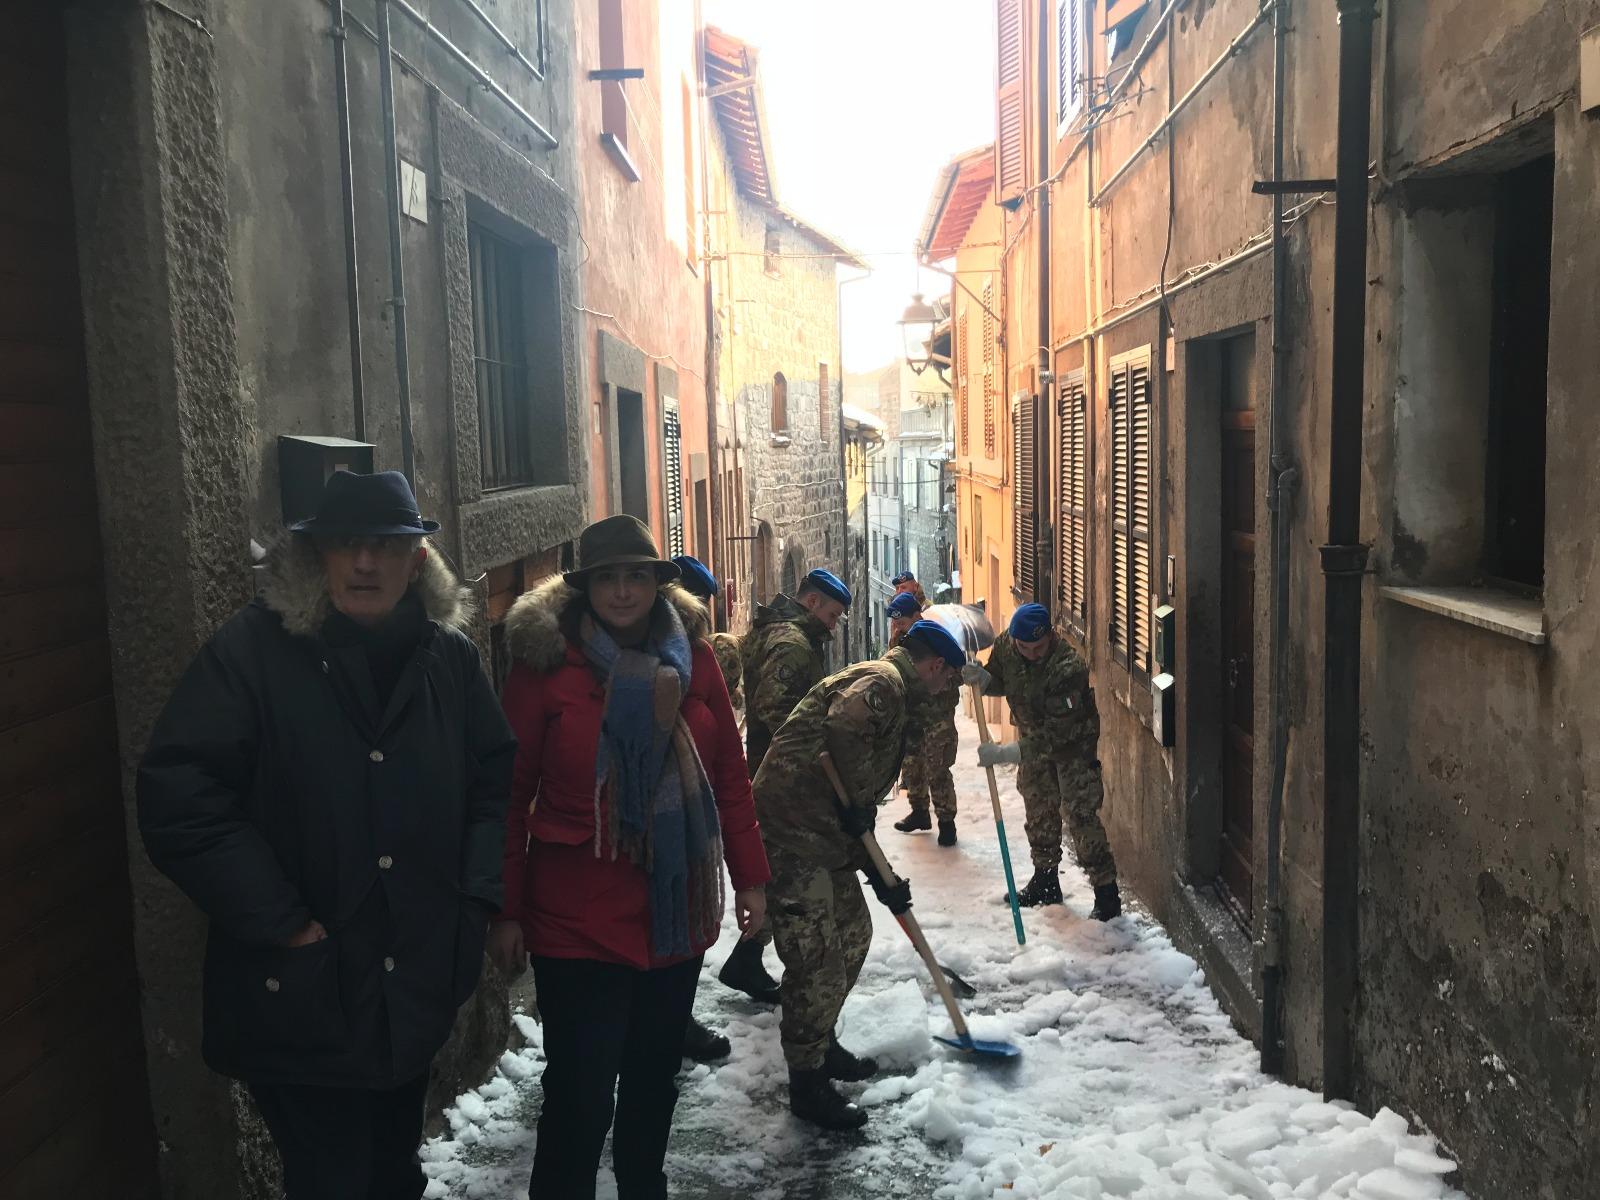 """Emergenza neve, sono arrivati i militari: il vicesindaco Ciambella: """"Viterbo non è Bolzano, lavoriamo e restiamo a disposizione di tutti"""""""